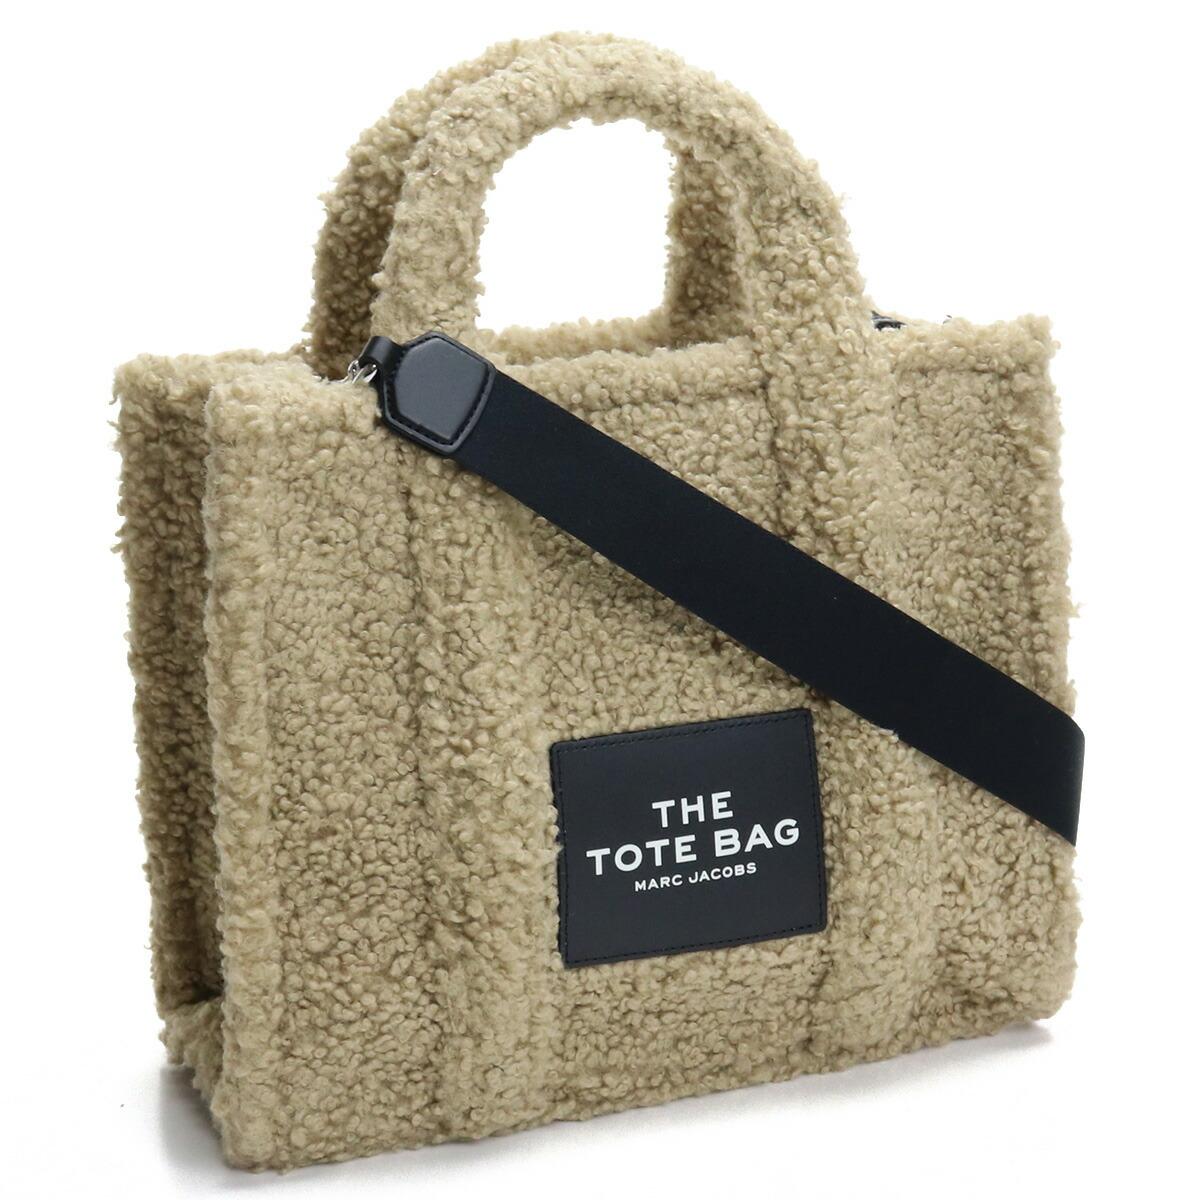 マーク・ジェイコブス MARC JACOBS  トートバッグ ブランドバッグ M0016740 260  ザ テディ THE TEDDY BEIGE ベージュ系 bag-01